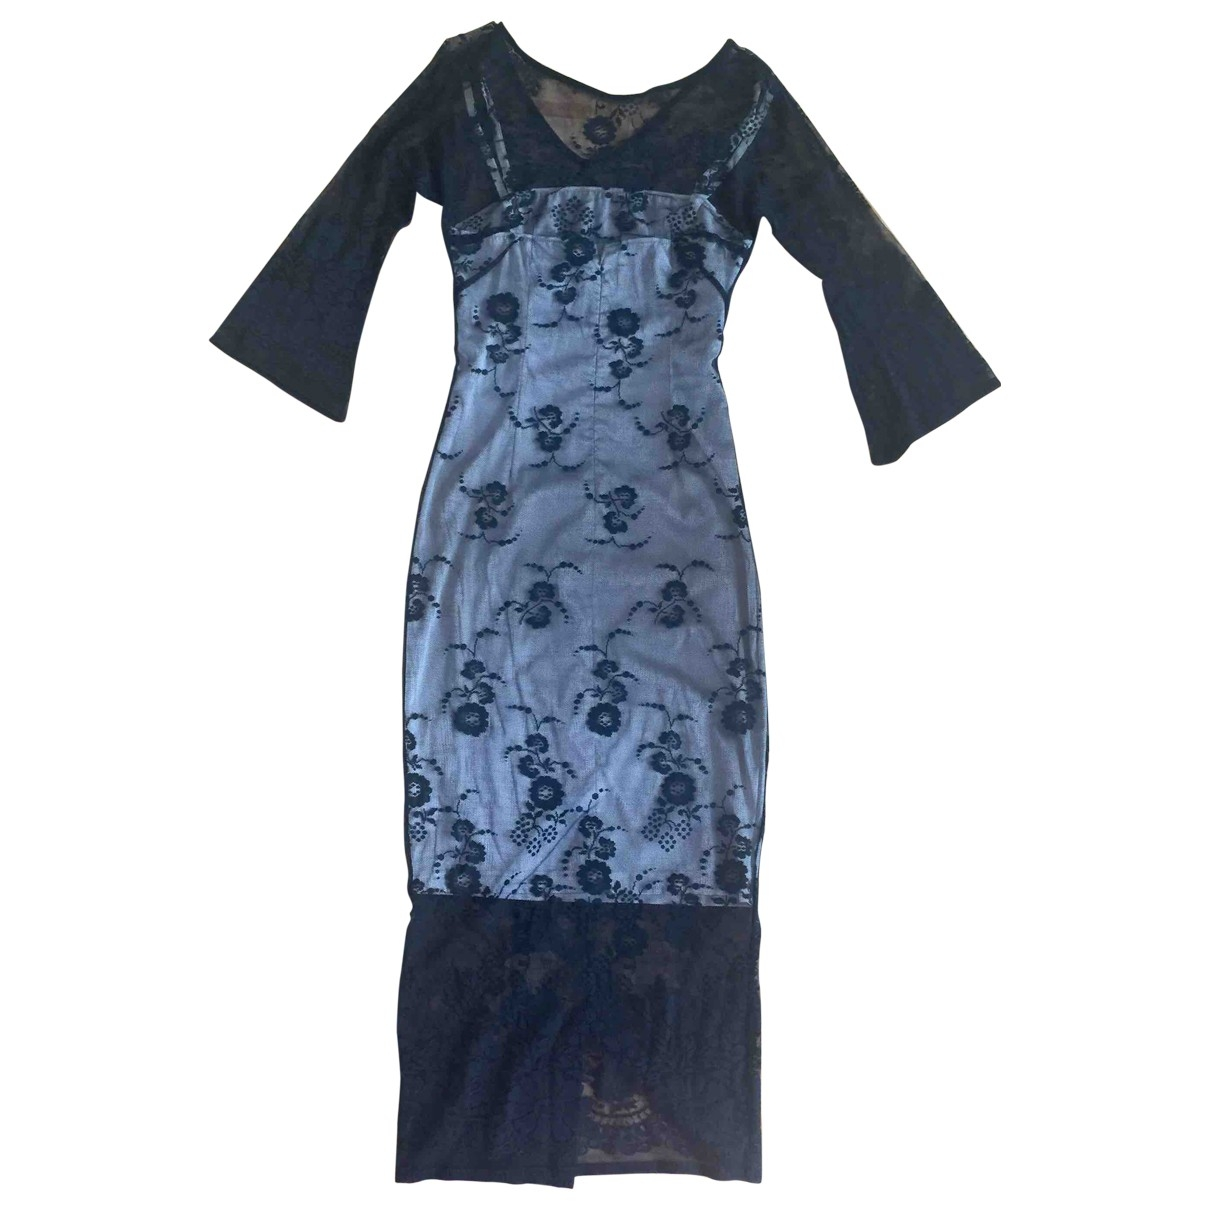 D&g \N Kleid in  Schwarz Baumwolle